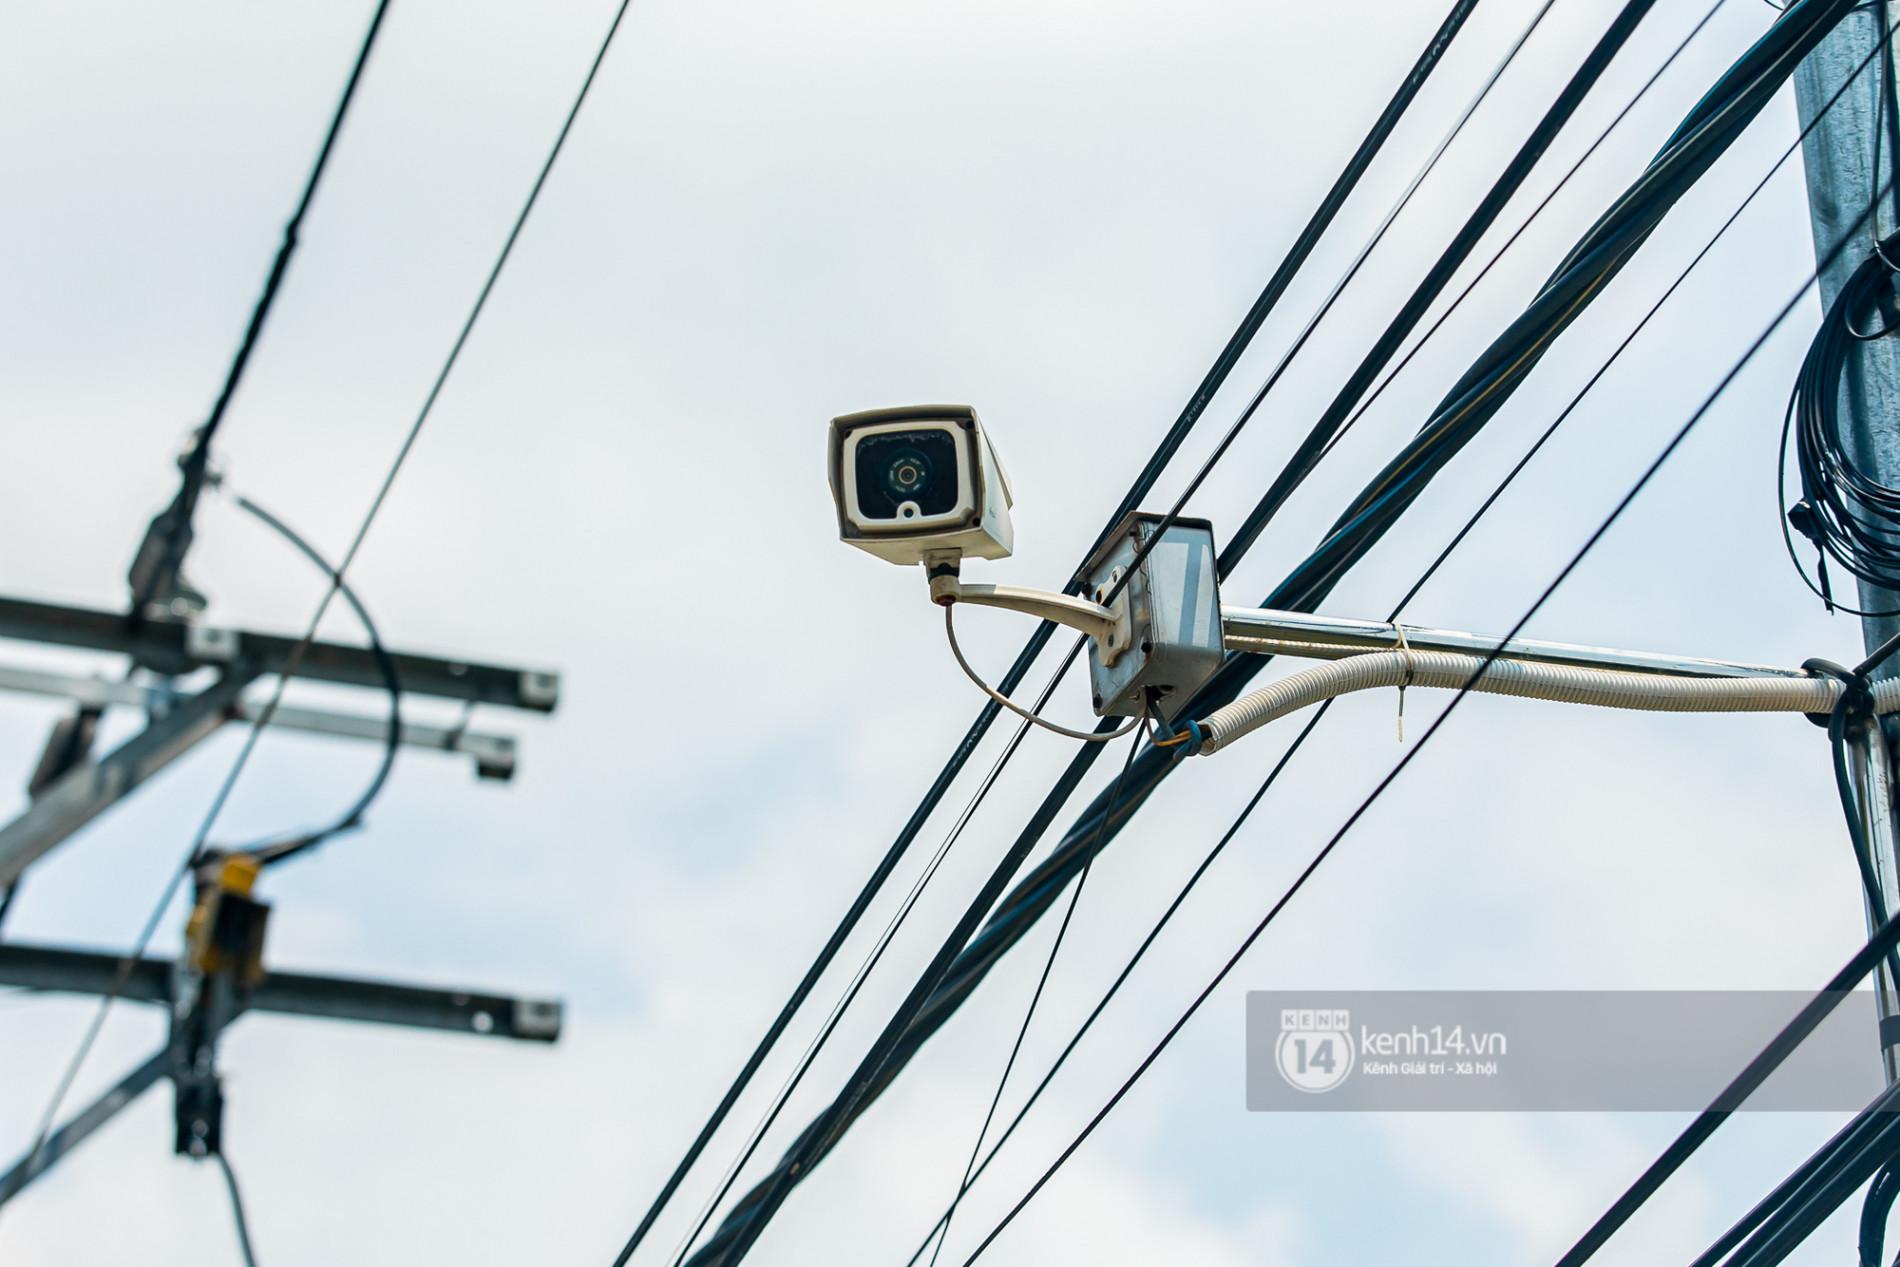 Về thăm Đền thờ Tổ nghiệp của NS Hoài Linh sau loạt lùm xùm từ thiện: Camera bố trí dày đặc, hàng xóm kể không bao giờ thấy mặt - Ảnh 9.